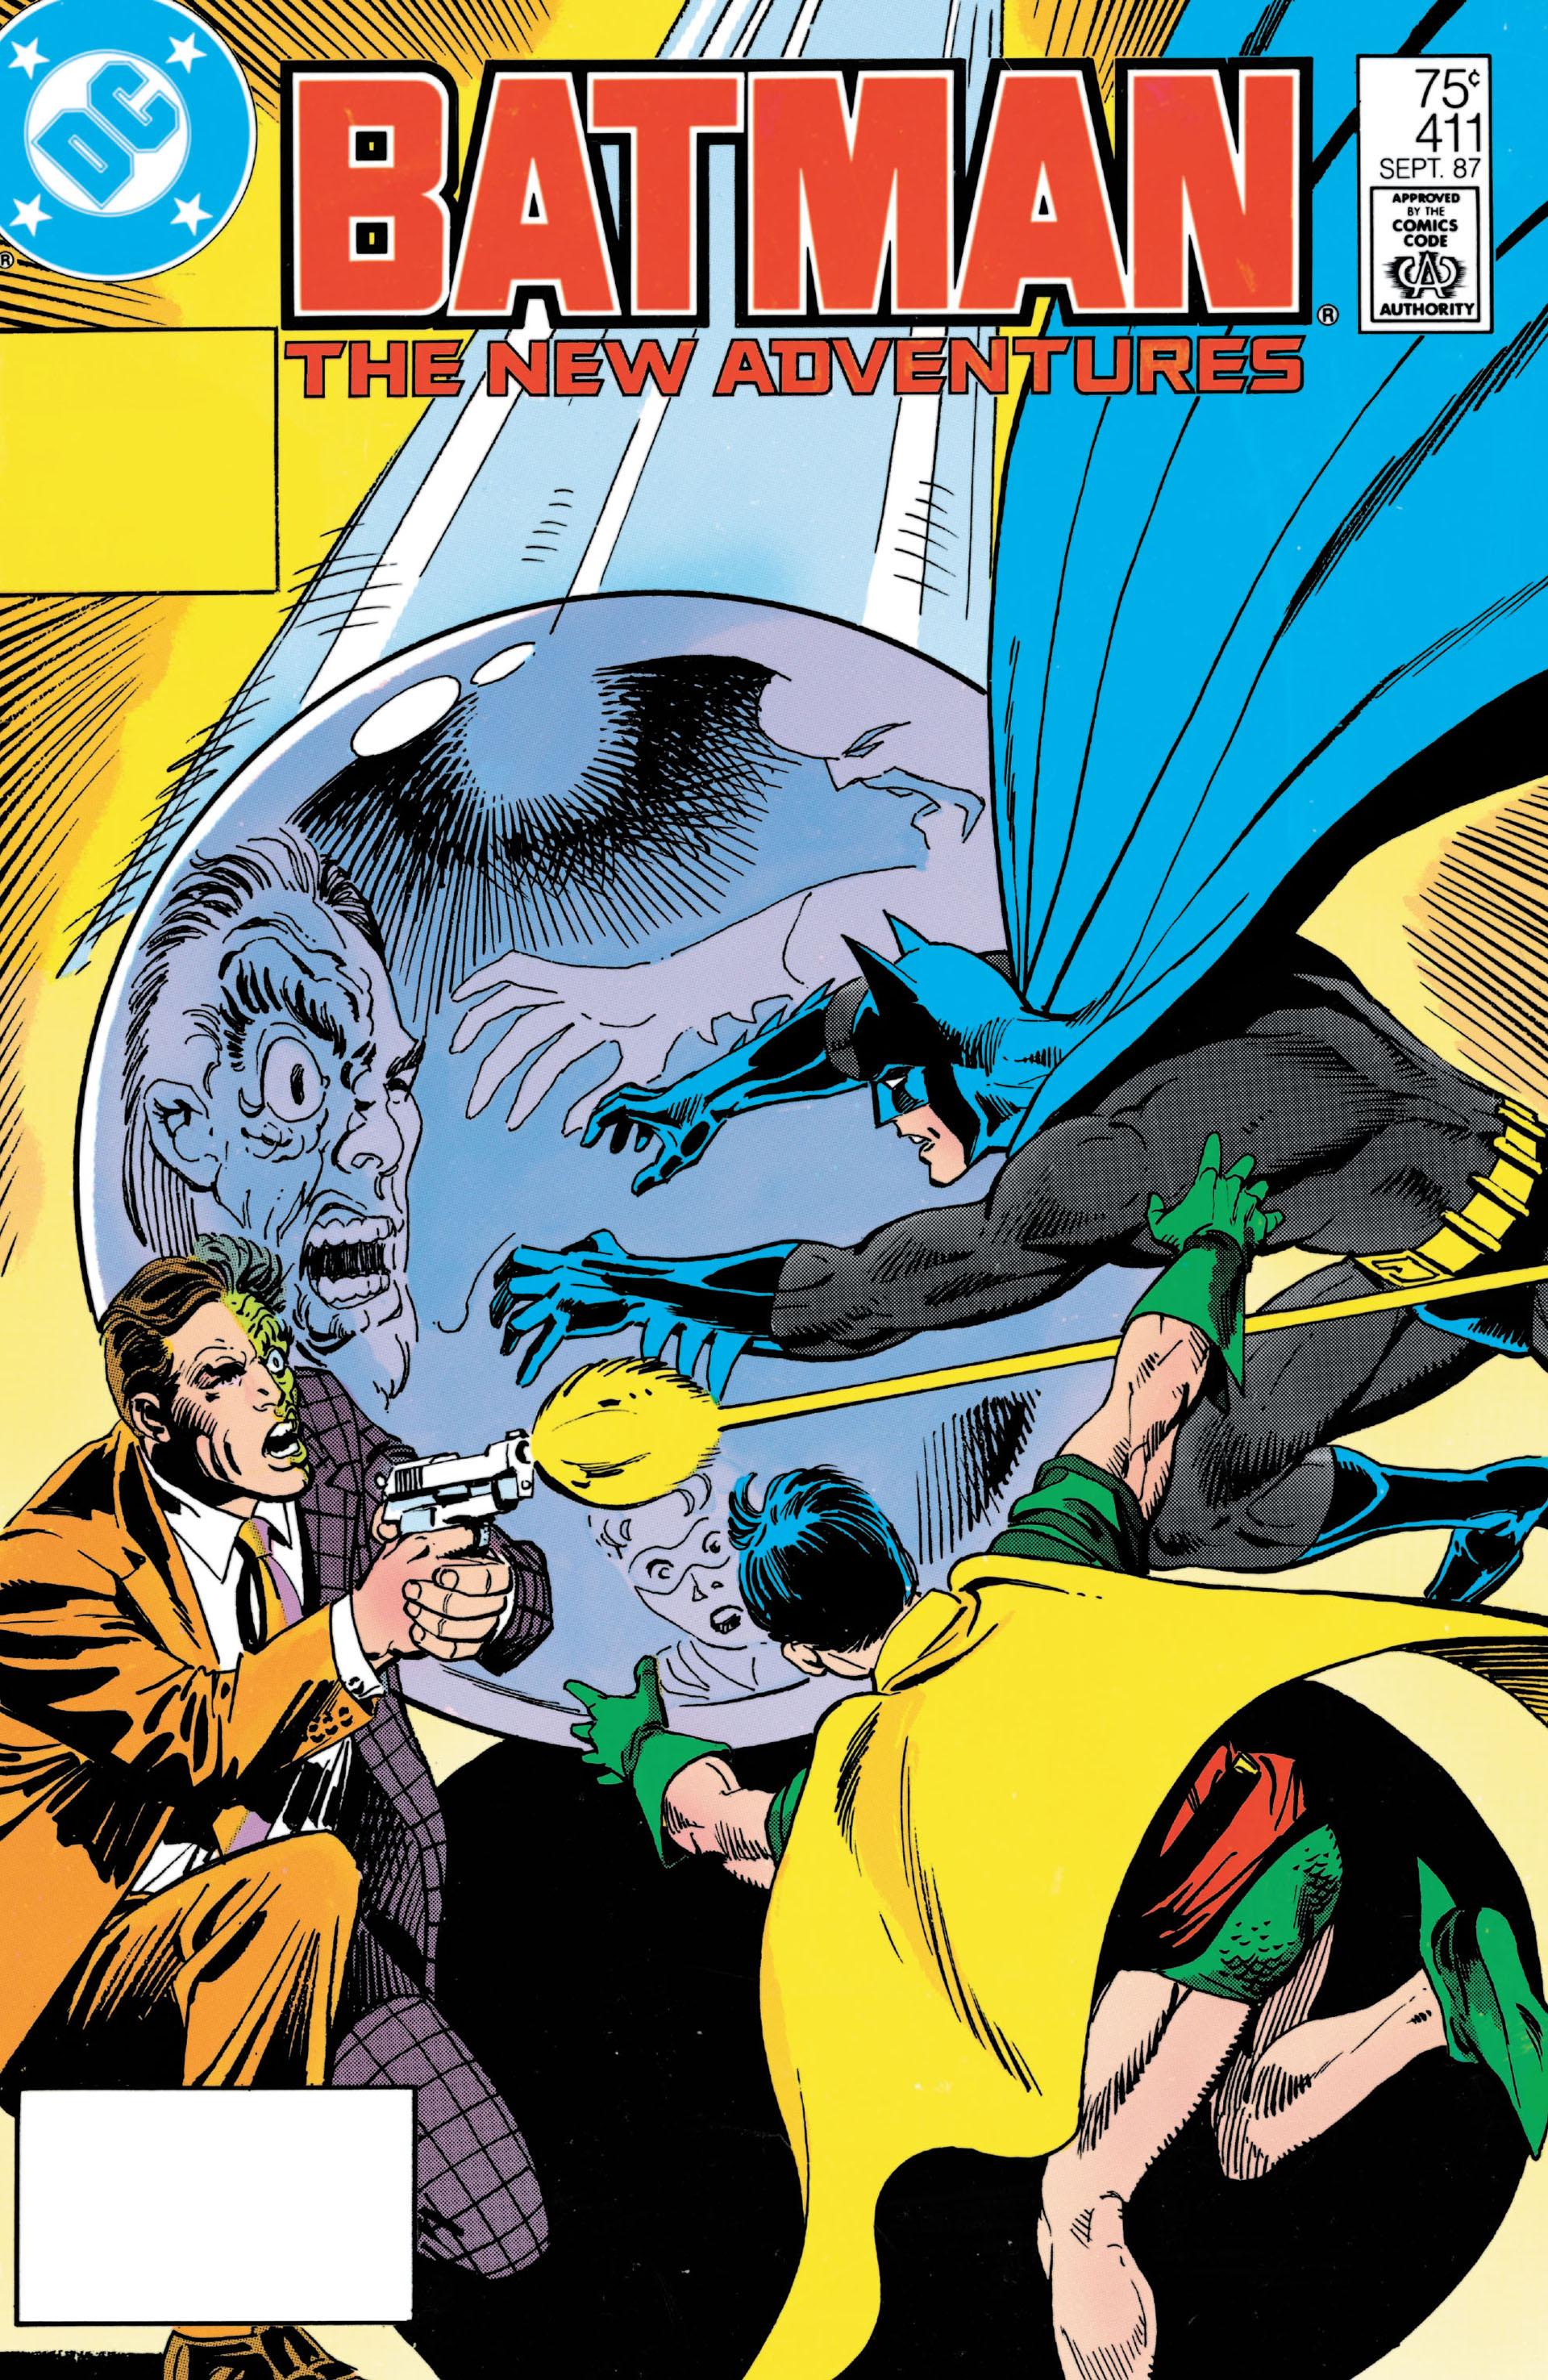 Batman (1940) 411 Page 1